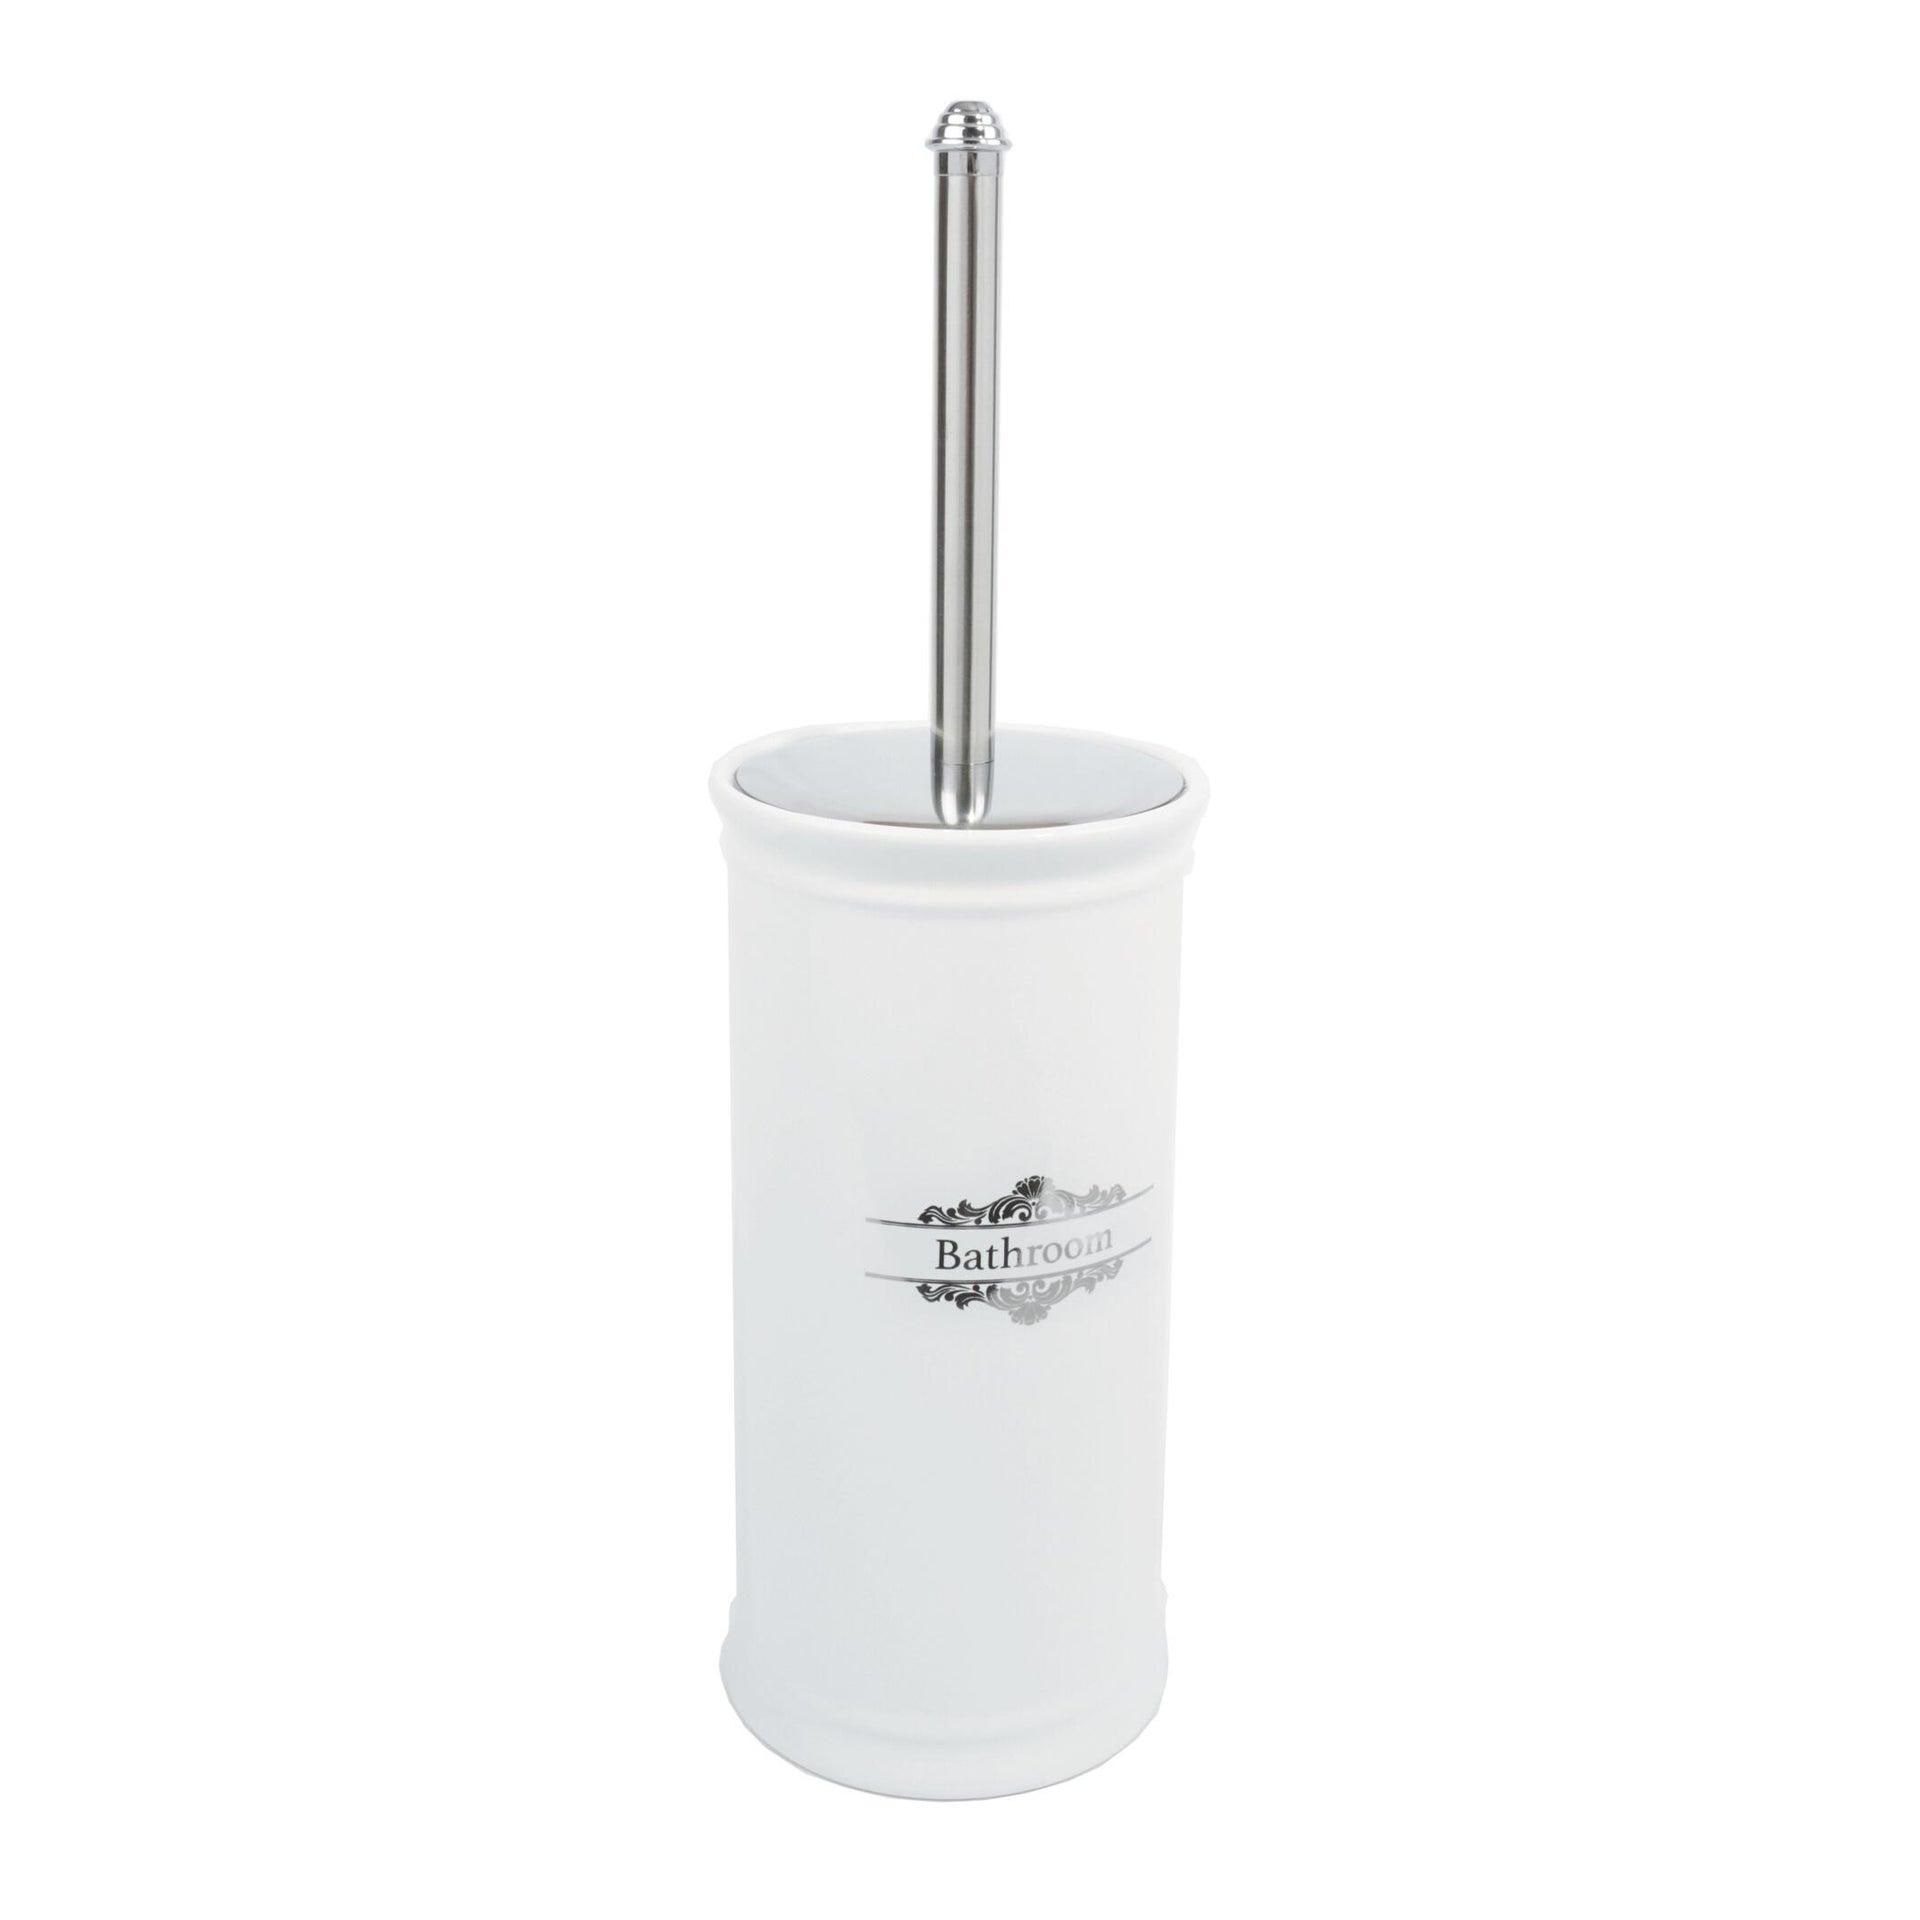 Porta scopino wc da appoggio Vittoria in porcellana bianco